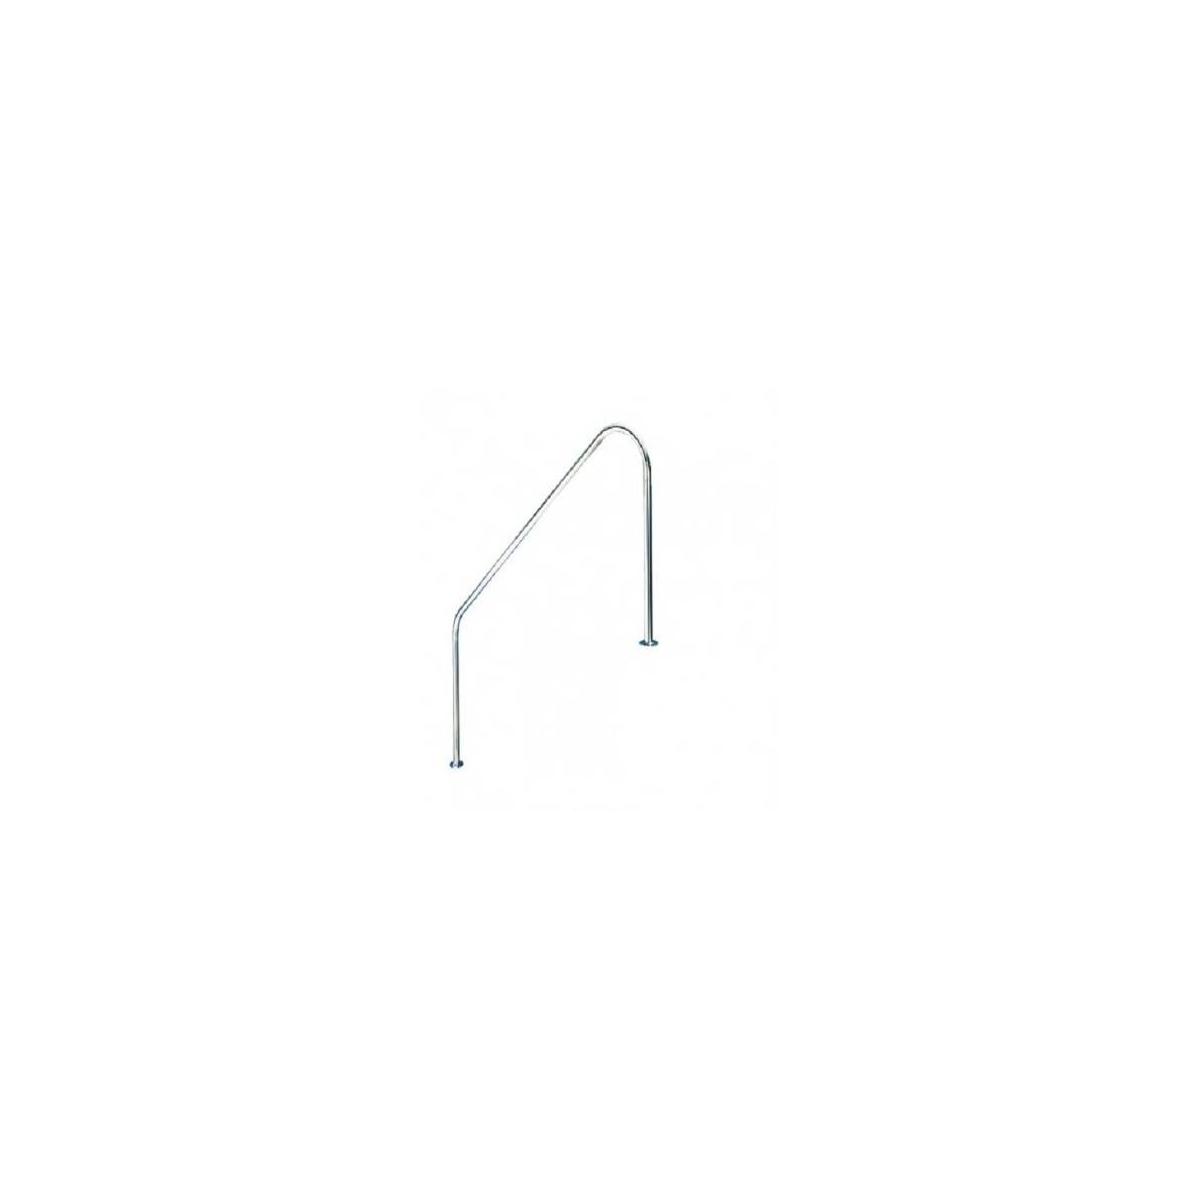 Barandilla con 2 curvas Flexinox